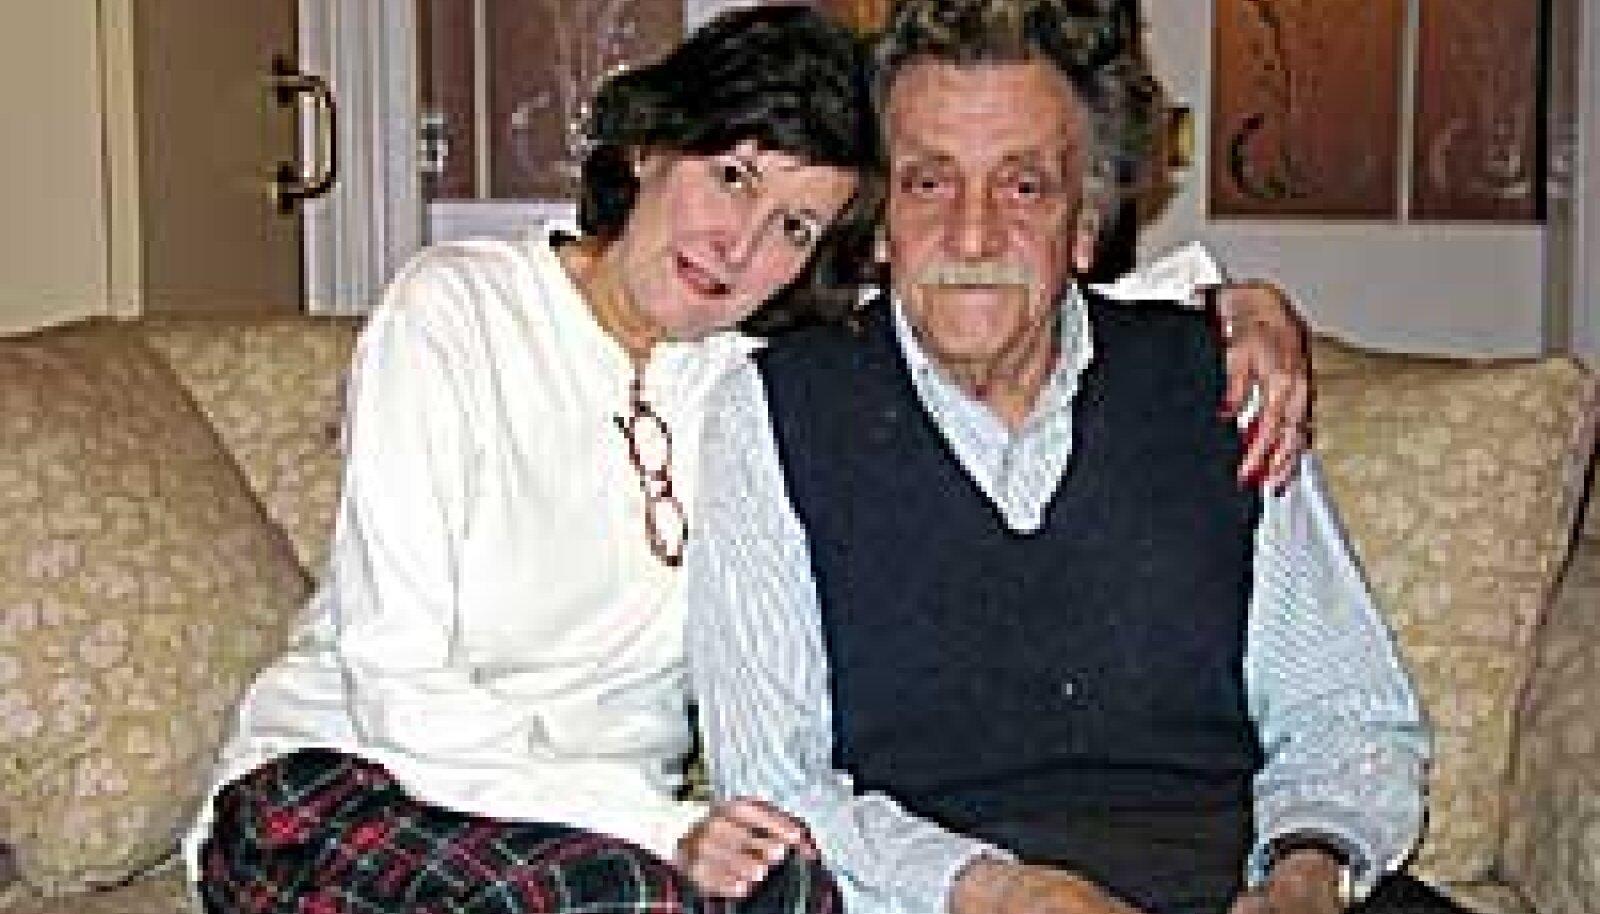 Vonnegut ja tema teine naine: Fotograaf Jill Krementziga (63) on Vonnegut abielus alates 1979. aastast. Tauno Vahter